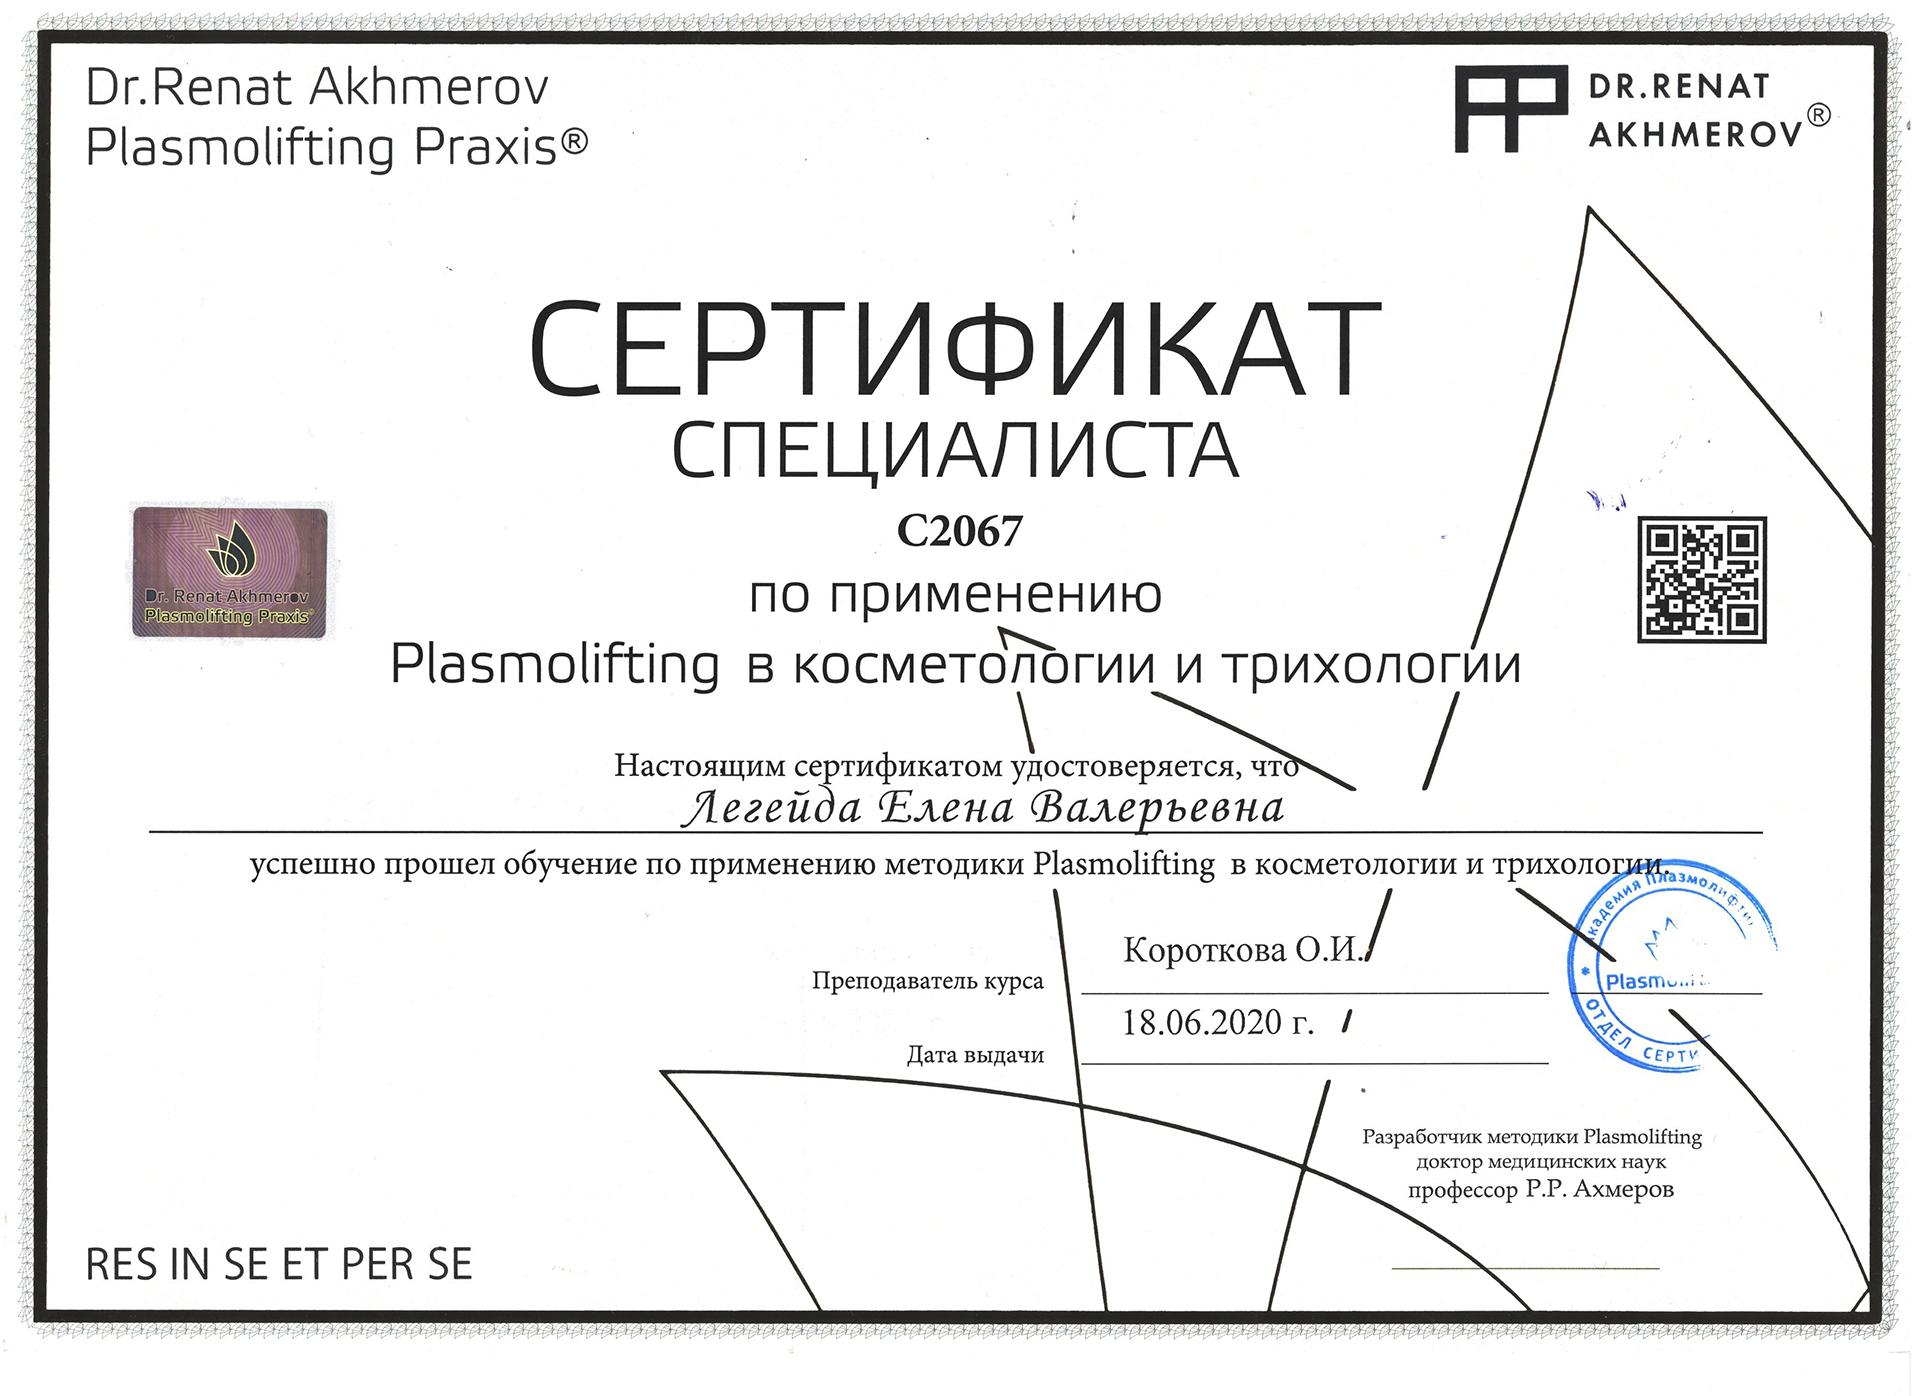 Сертификат — Применение Plasmolifting. Легейда Елена Валерьевна